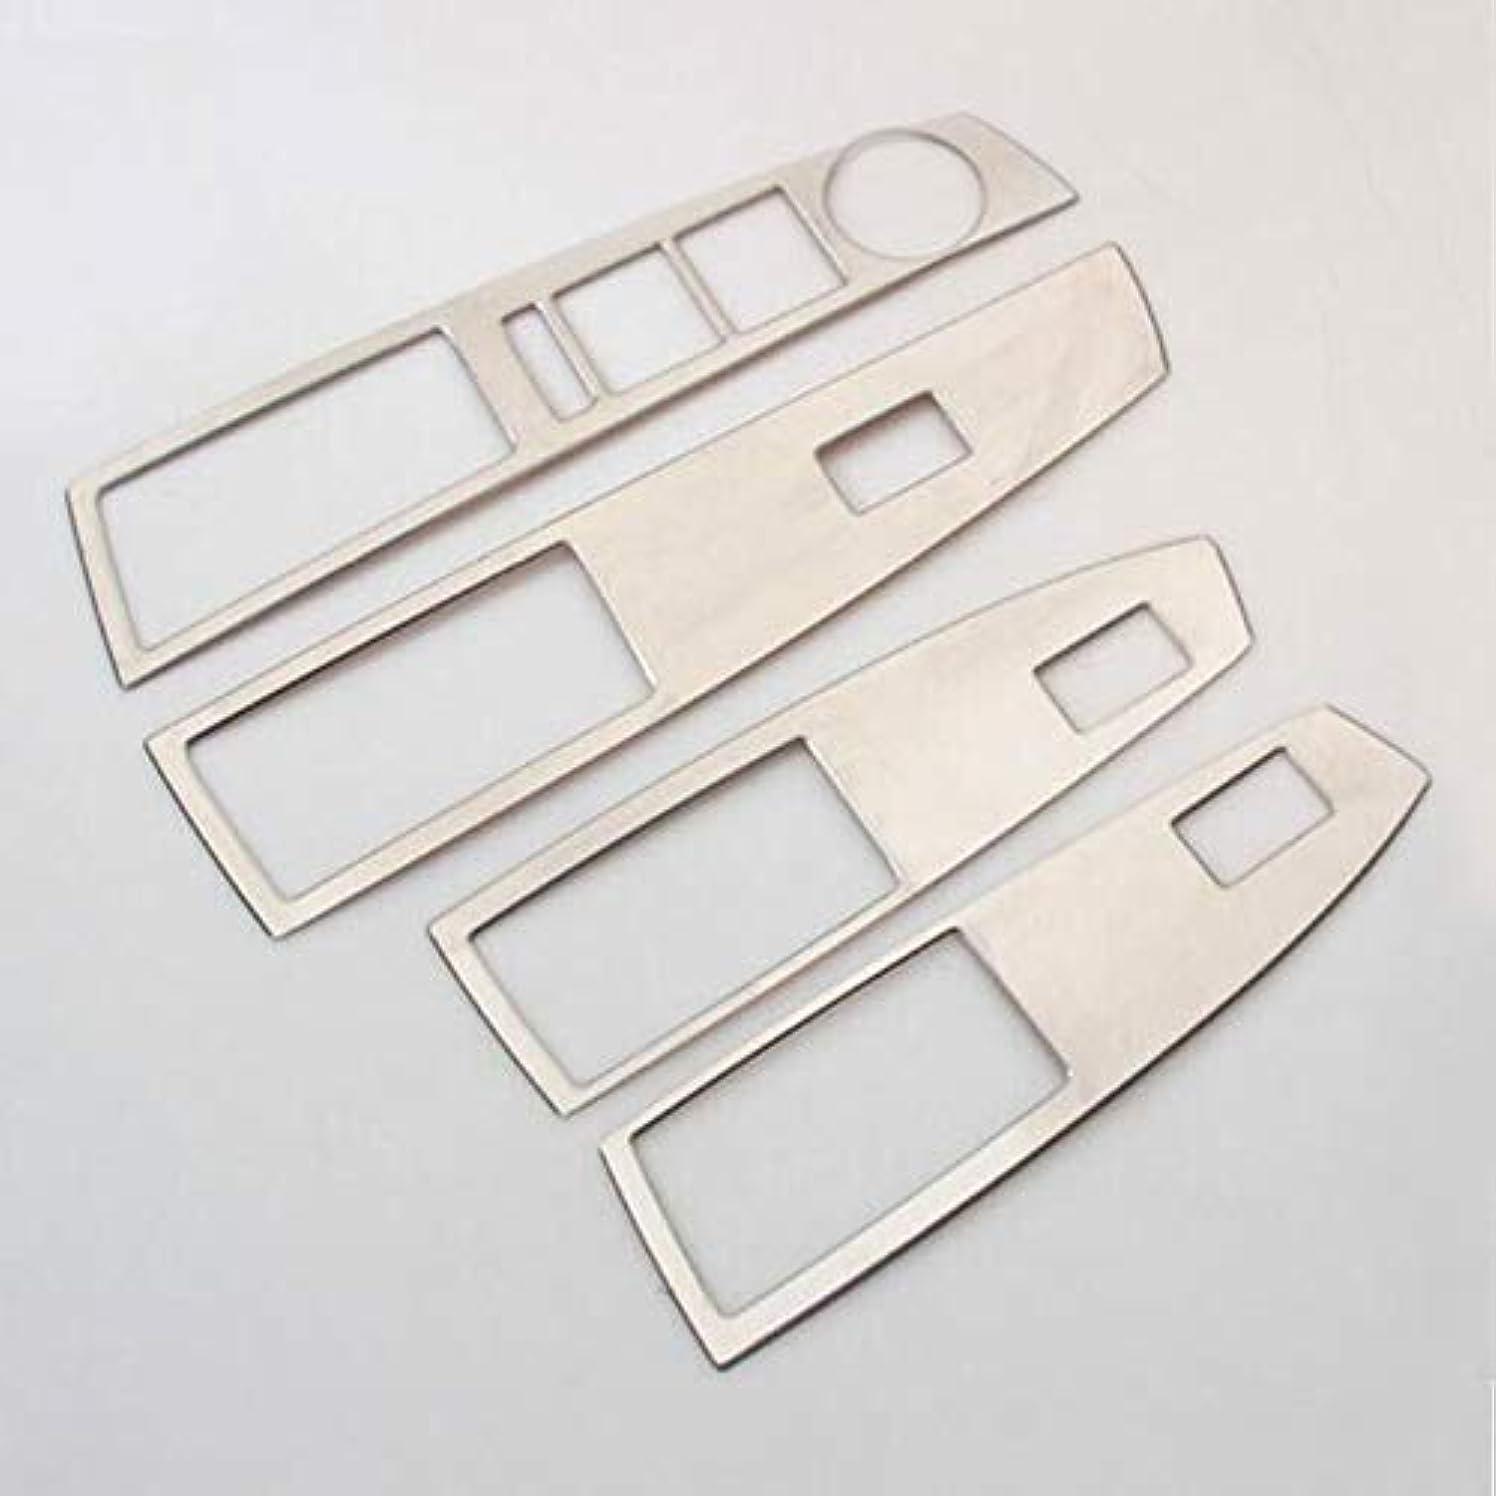 トライアスロン芸術的通訳Jicorzo - Interior Door Window Switch Adjust Lift Control Cover Trim Armrest Decor Car Styling Sticker For Chevrolet Chevy Cruze 2009-2014